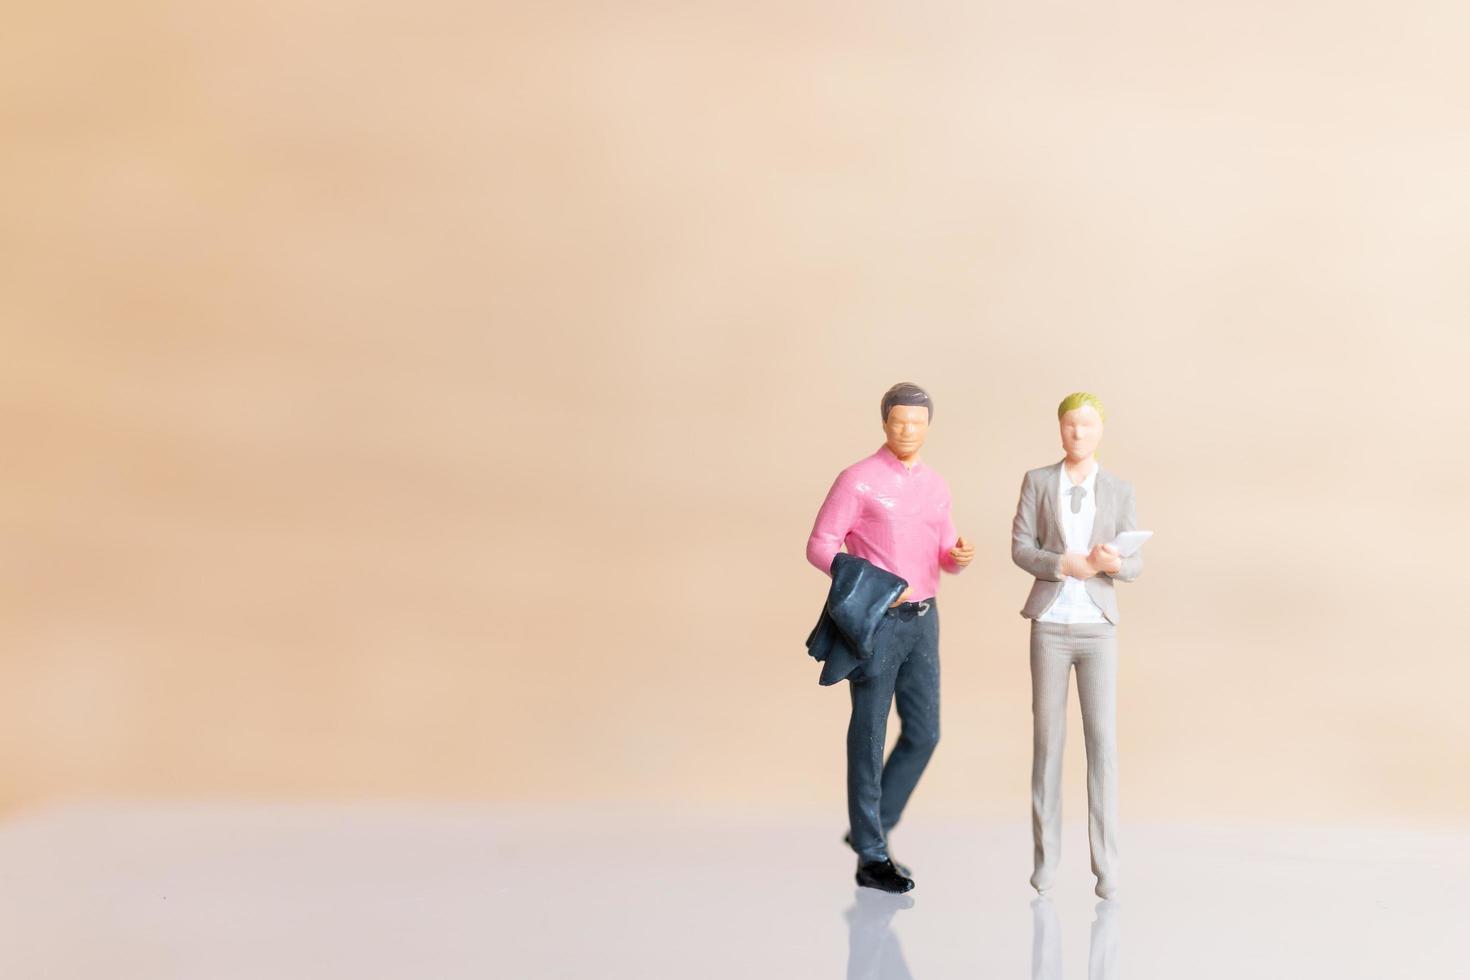 Empresarios en miniatura de pie y copia espacio para texto foto